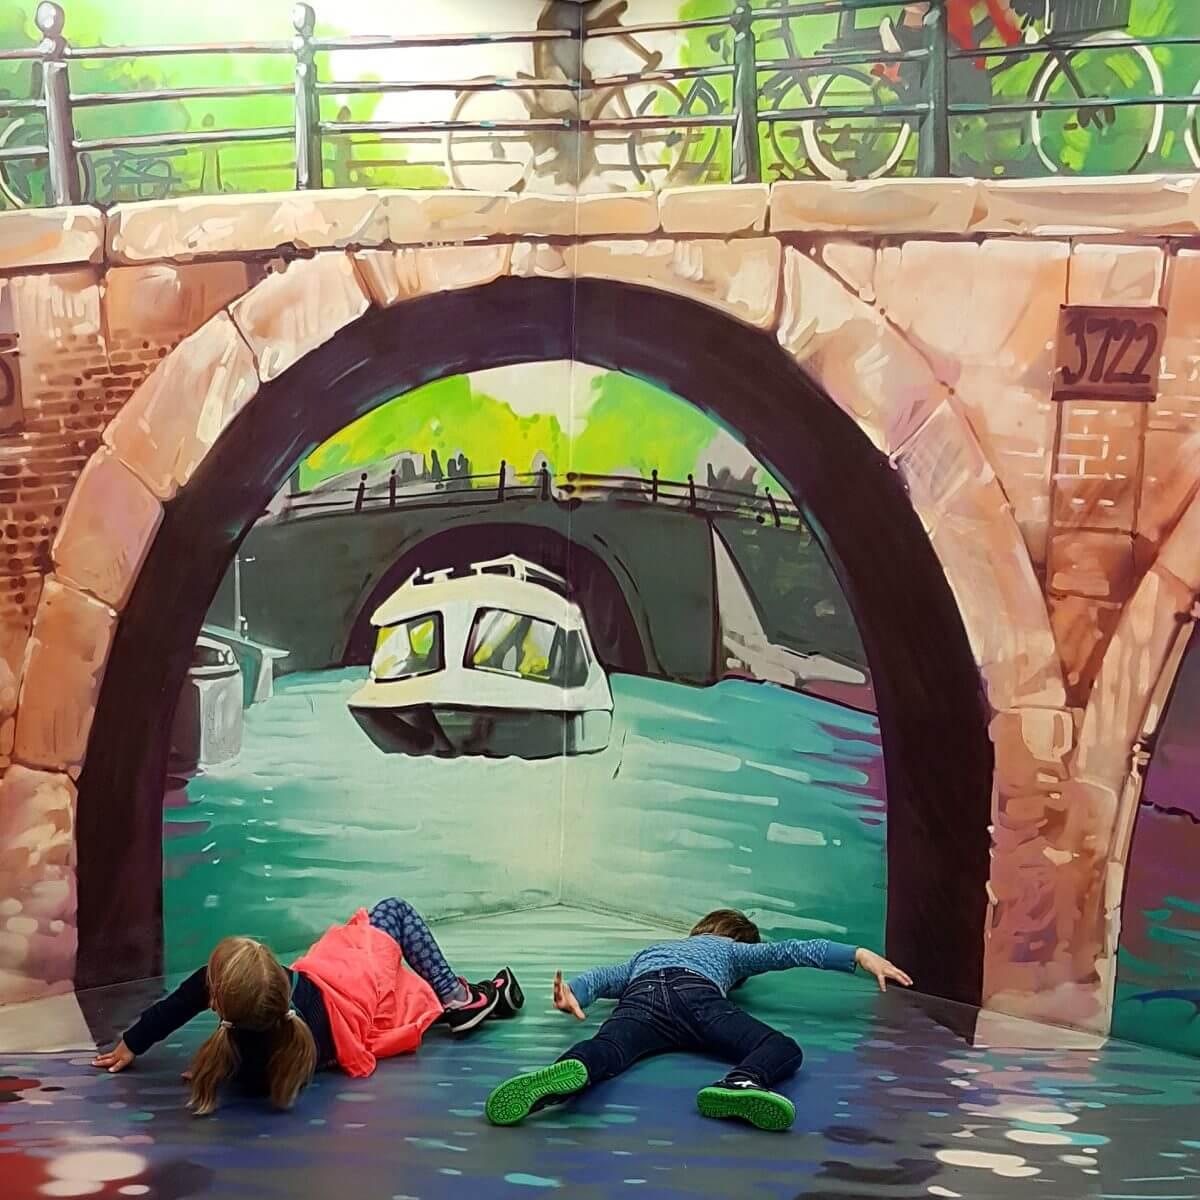 zwemmen in de Amsterdamse grachten in het Museum of Amsterdam Illusions